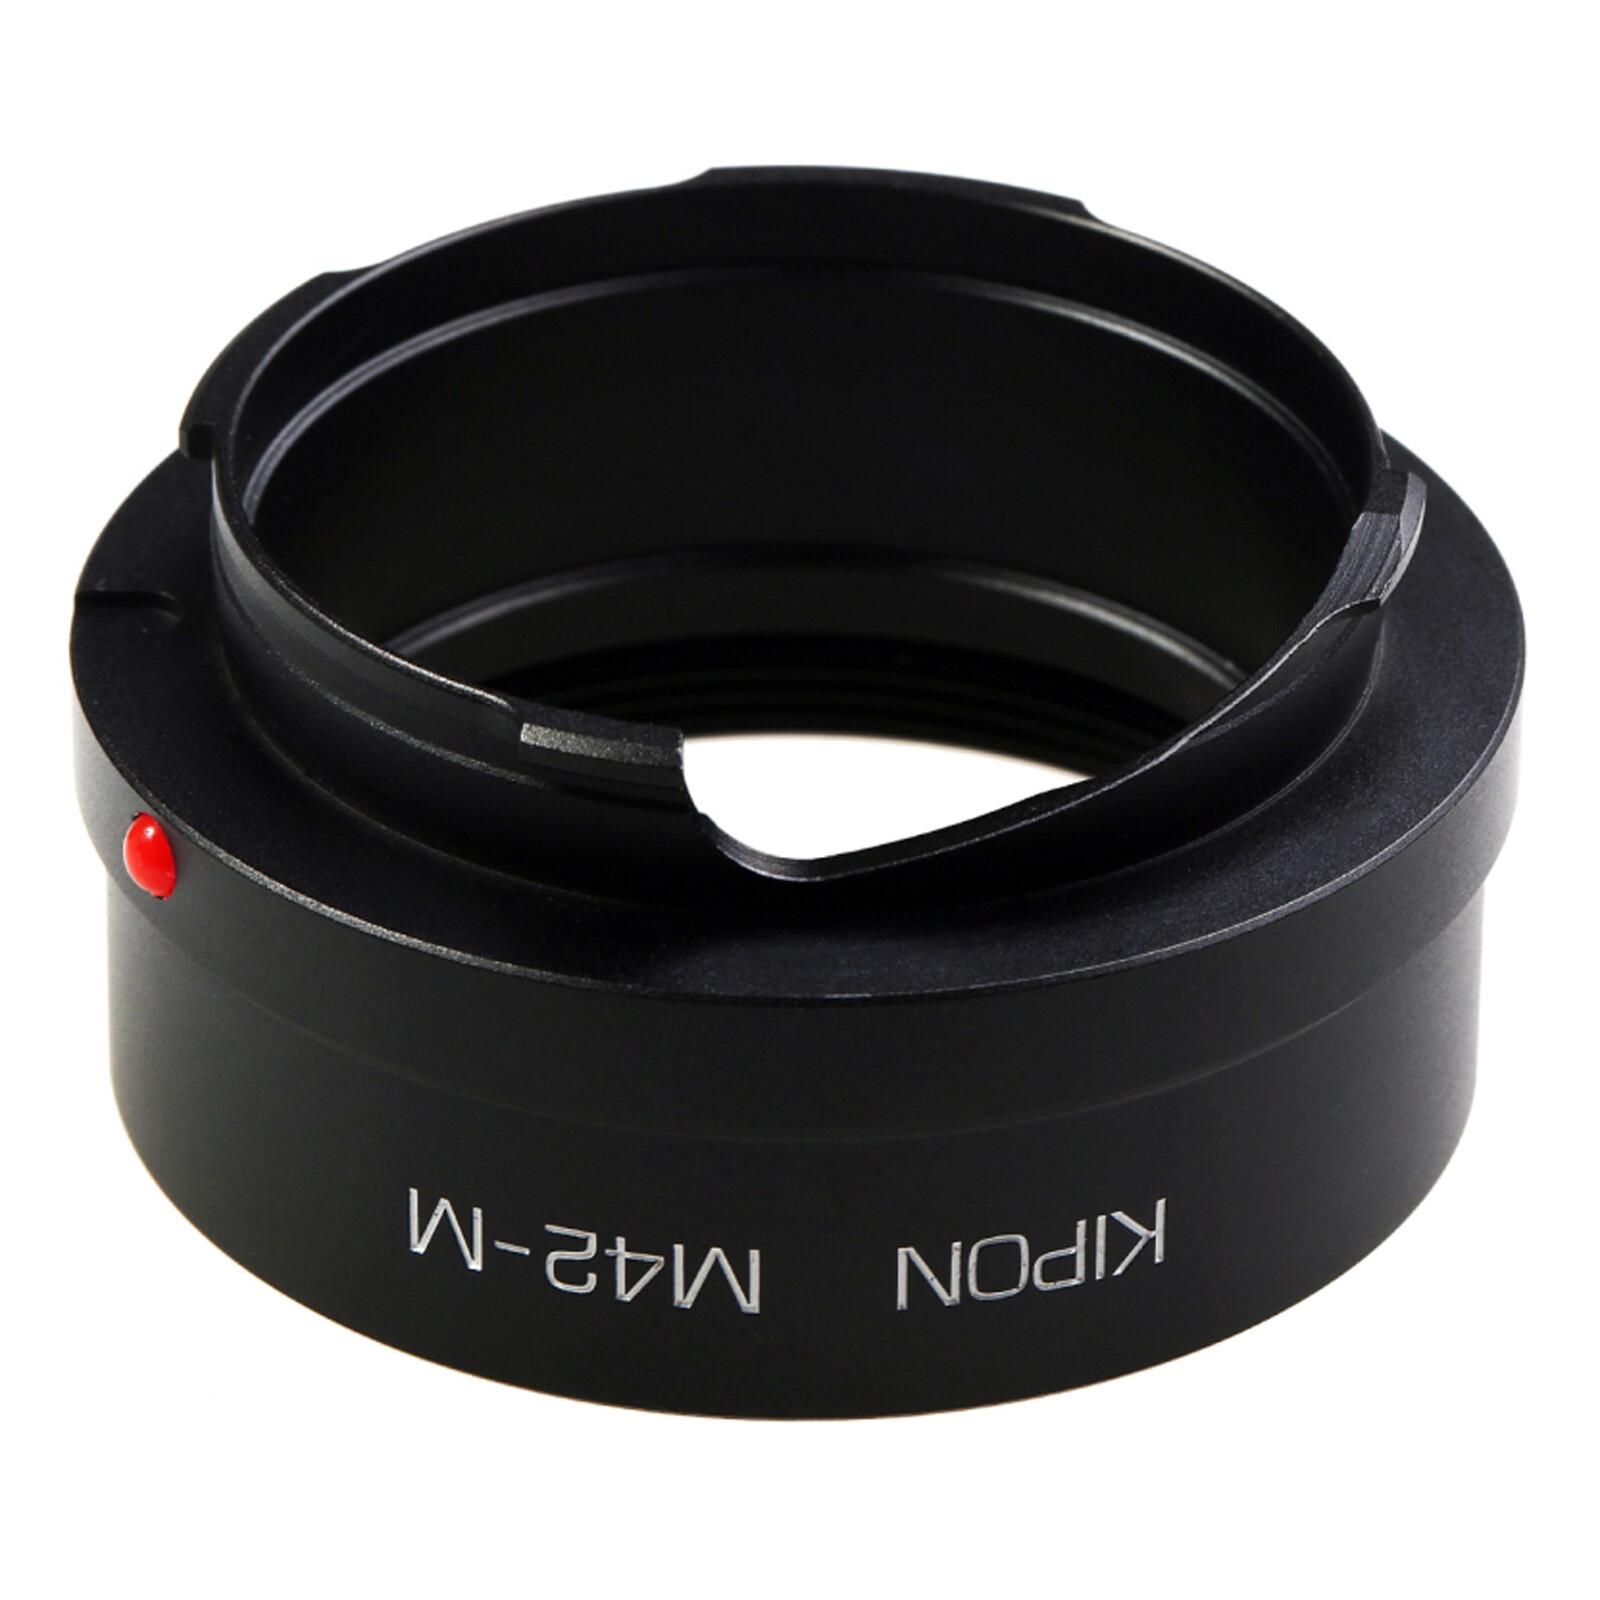 Kipon Adapter für M42 auf Leica M